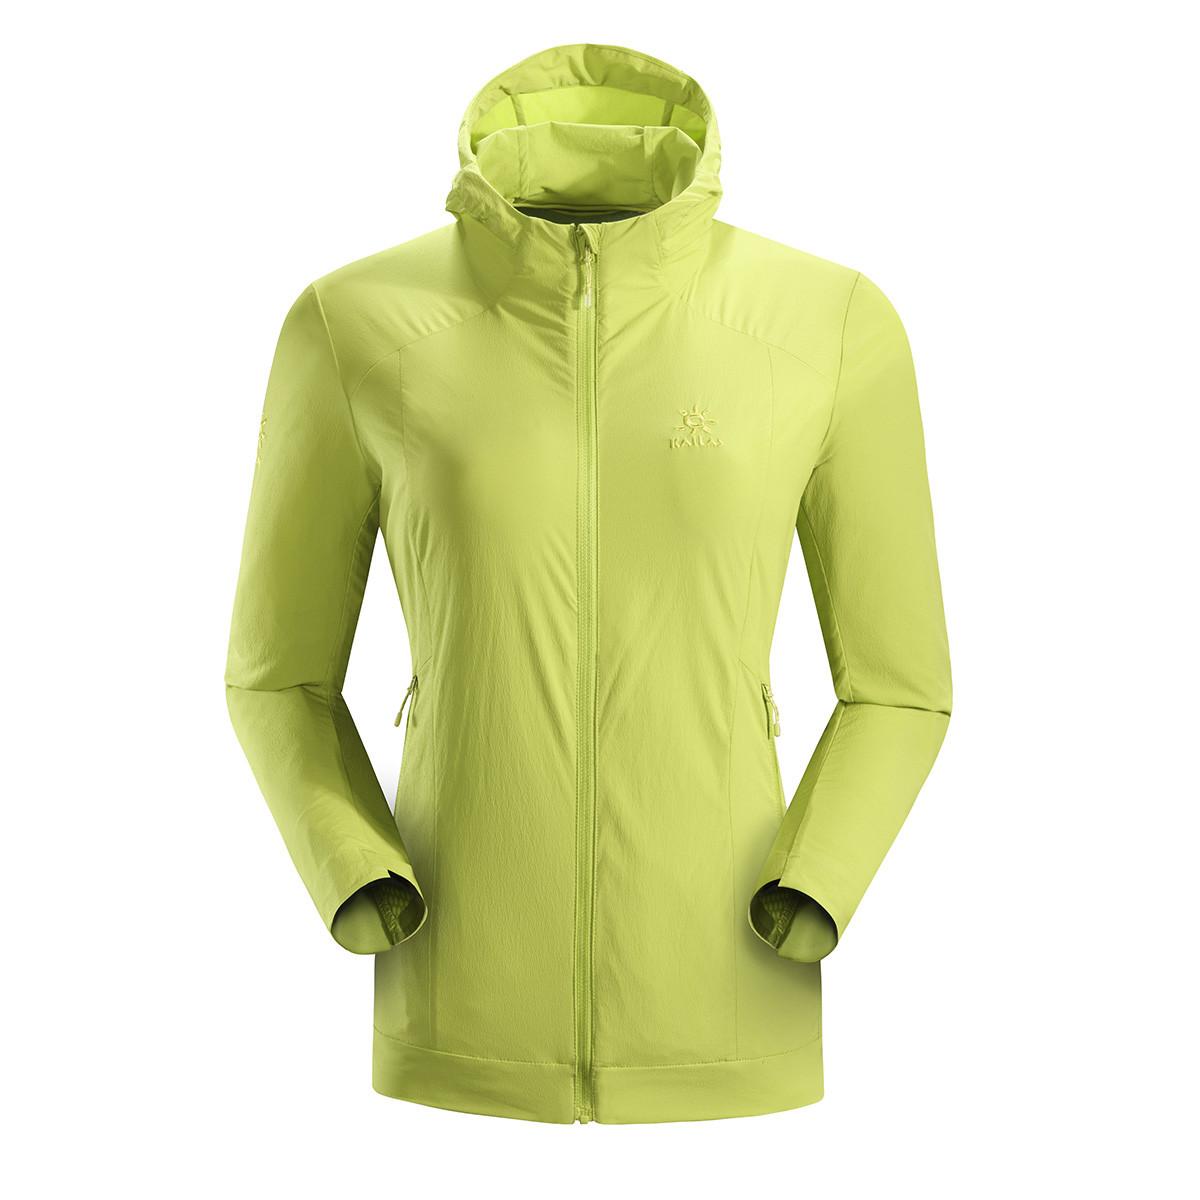 凯乐石秋冬焕新女款保暖空气立方软壳户外徒步运动外套KG22025313010